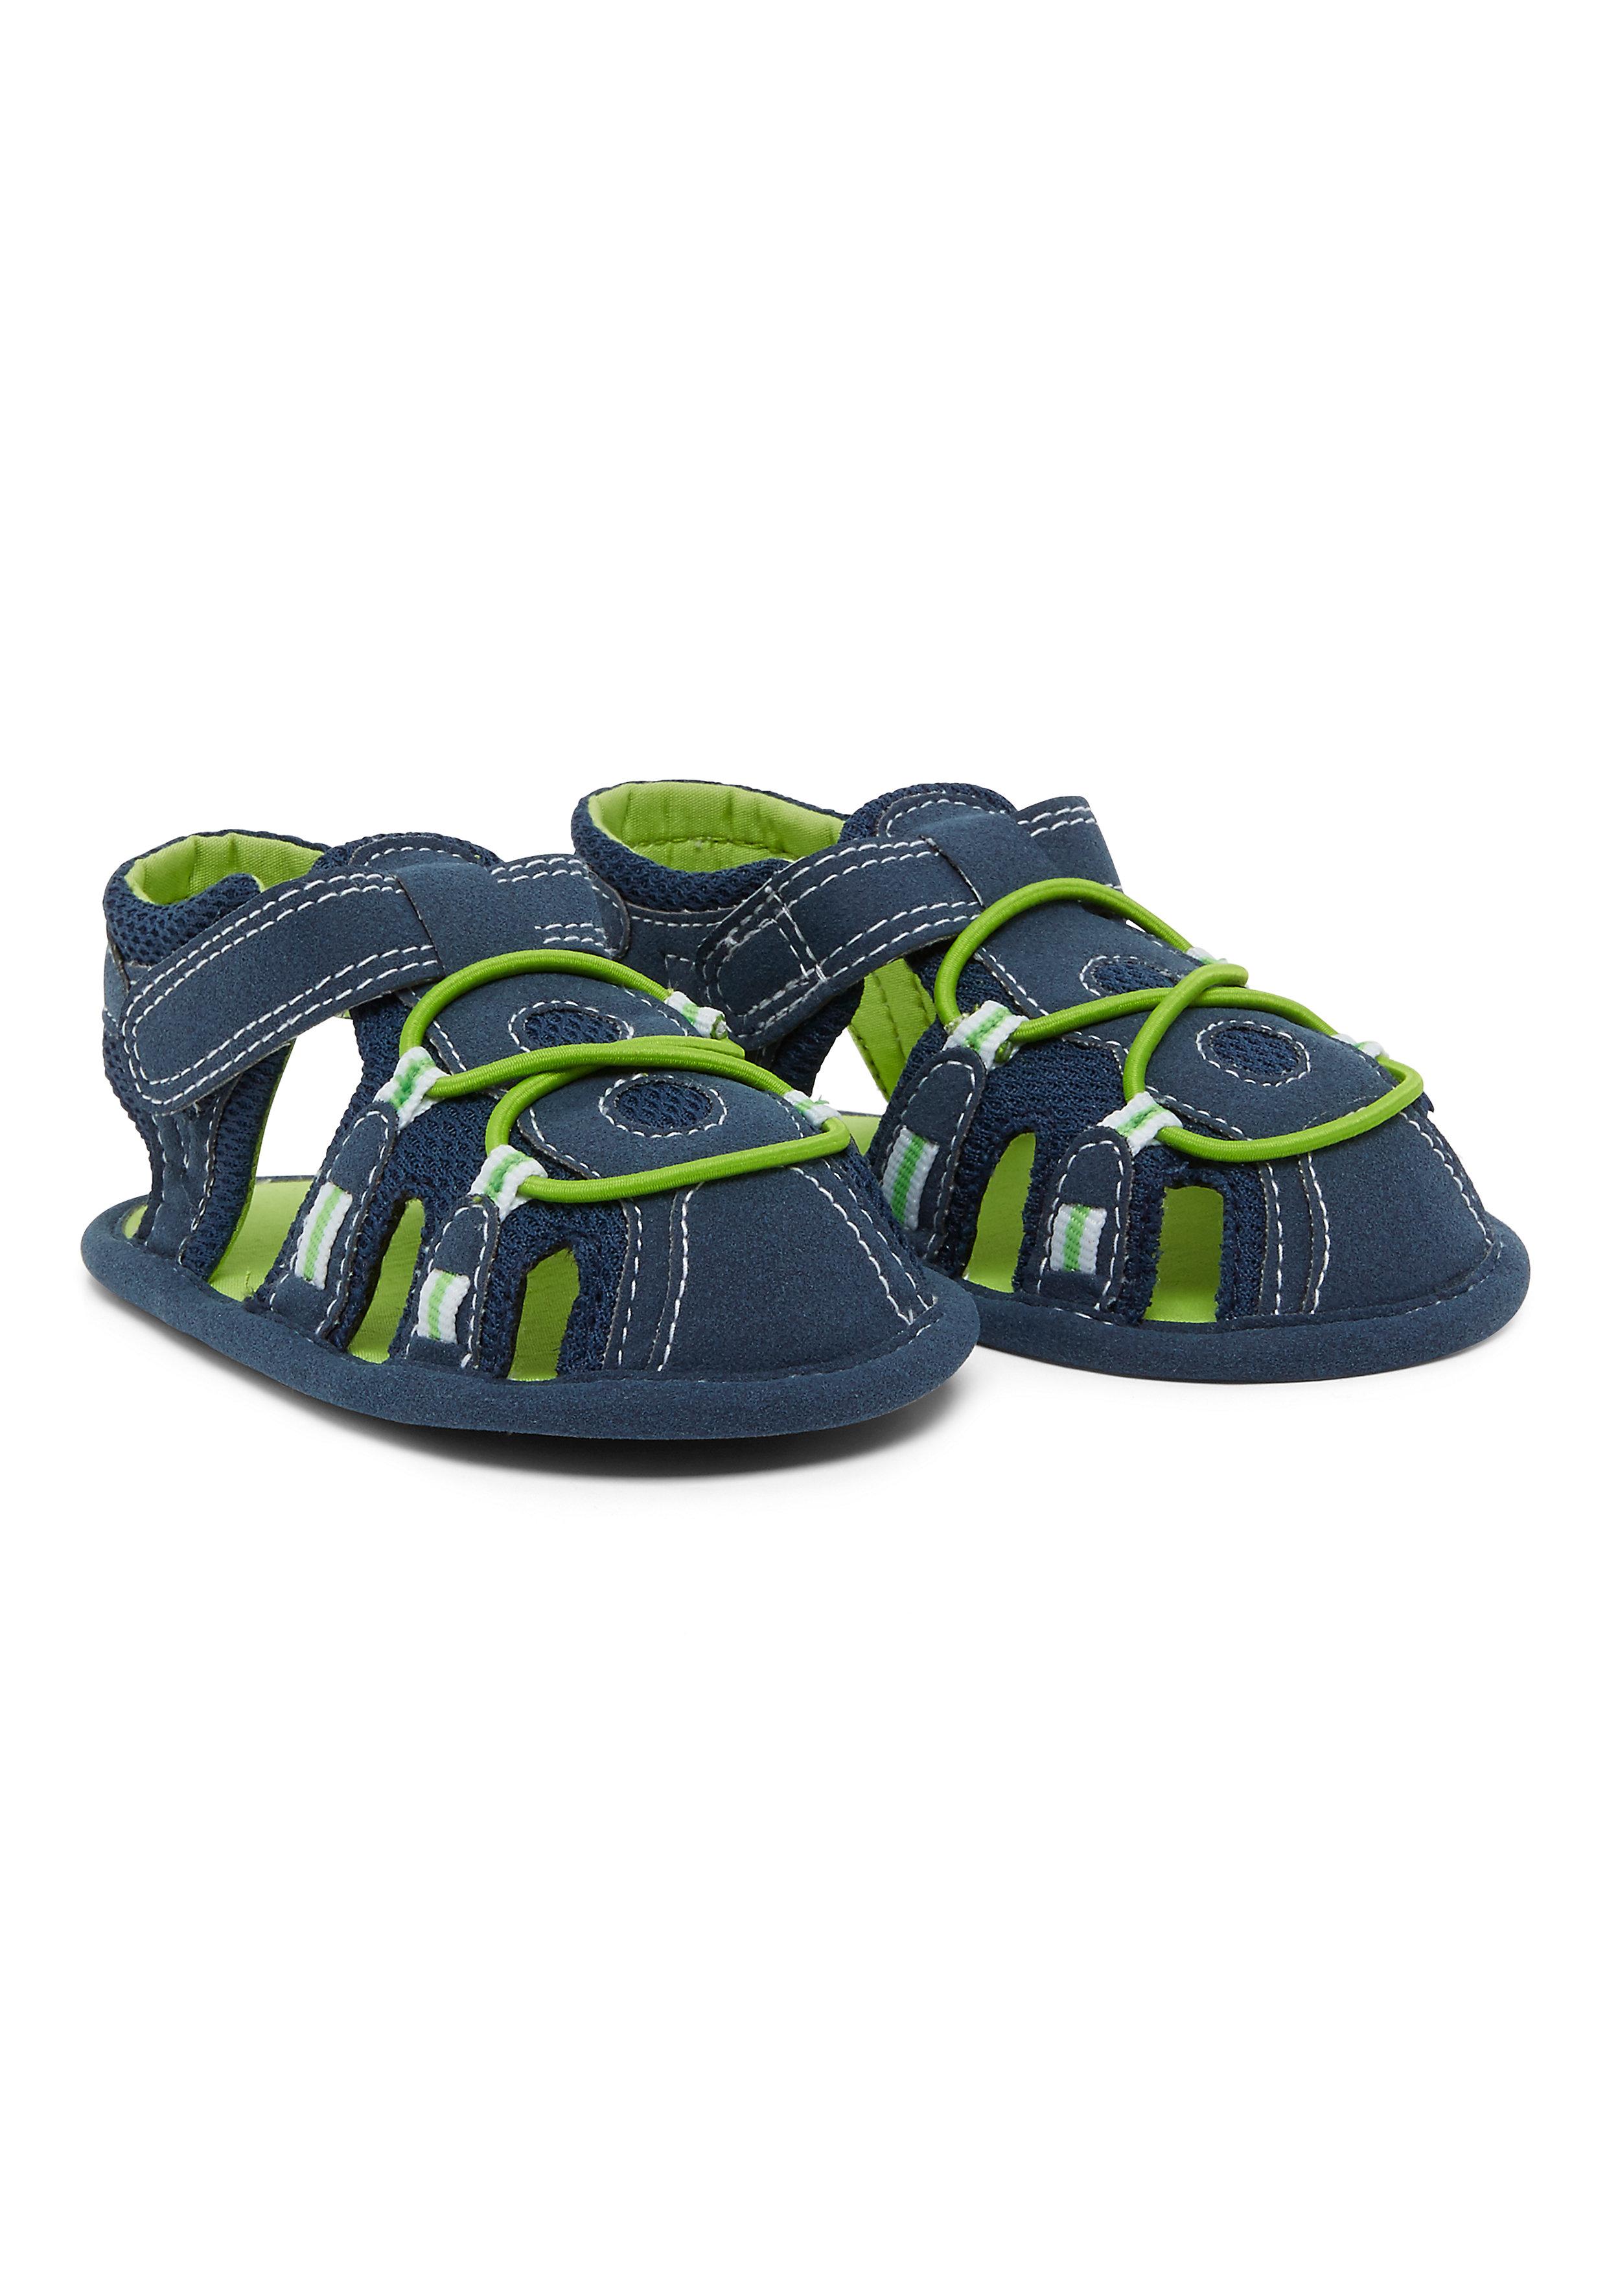 Mothercare   Boys Trekker Sandals - Green